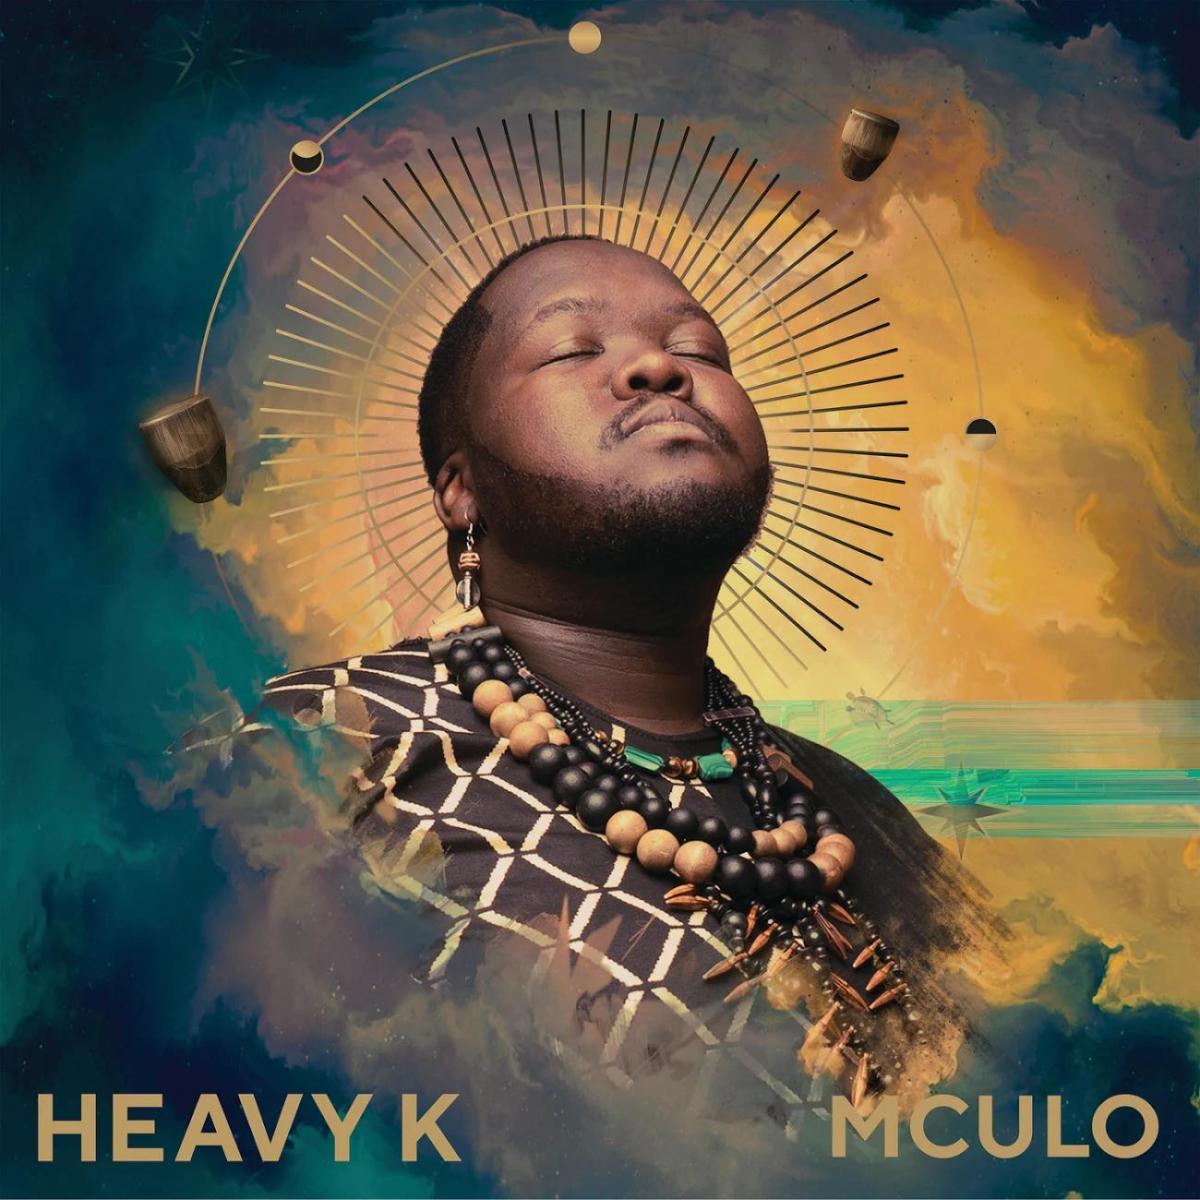 Heavy-K - MCULO